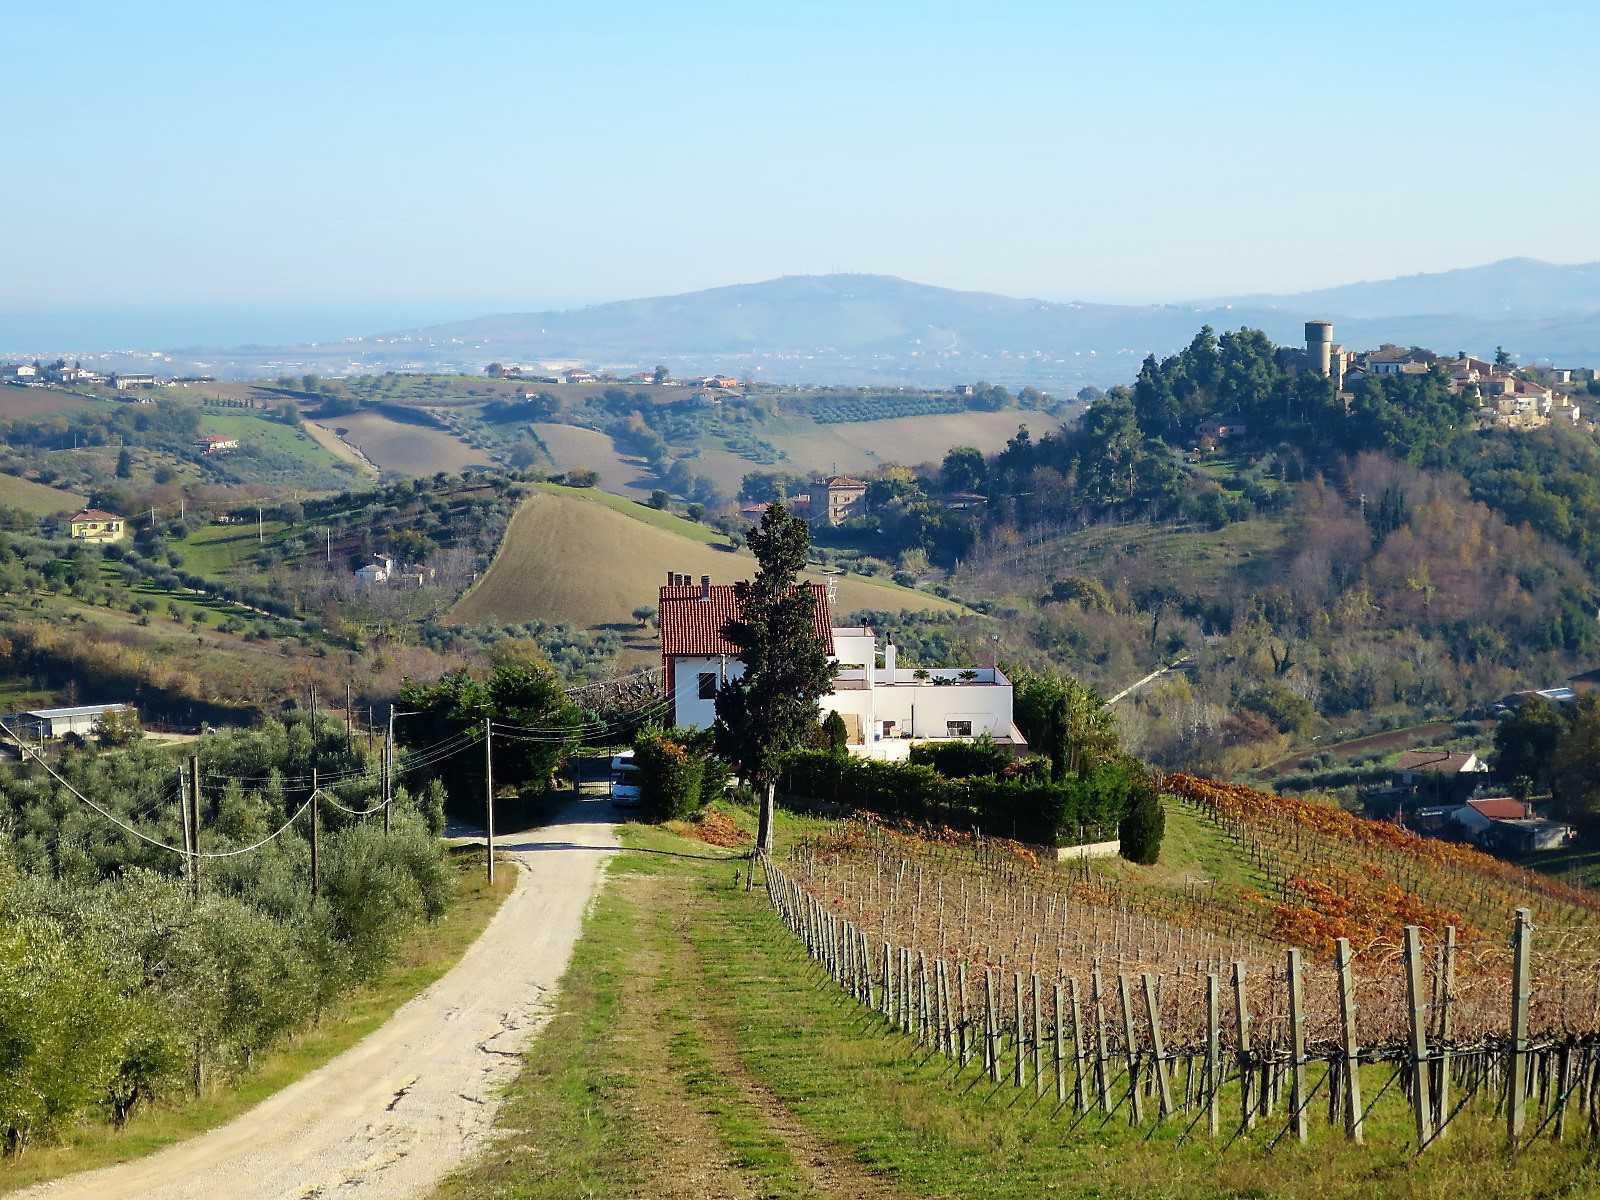 Villa Villa in vendita Notaresco (TE), Villa Vigneto - Notaresco - EUR 382.044 280